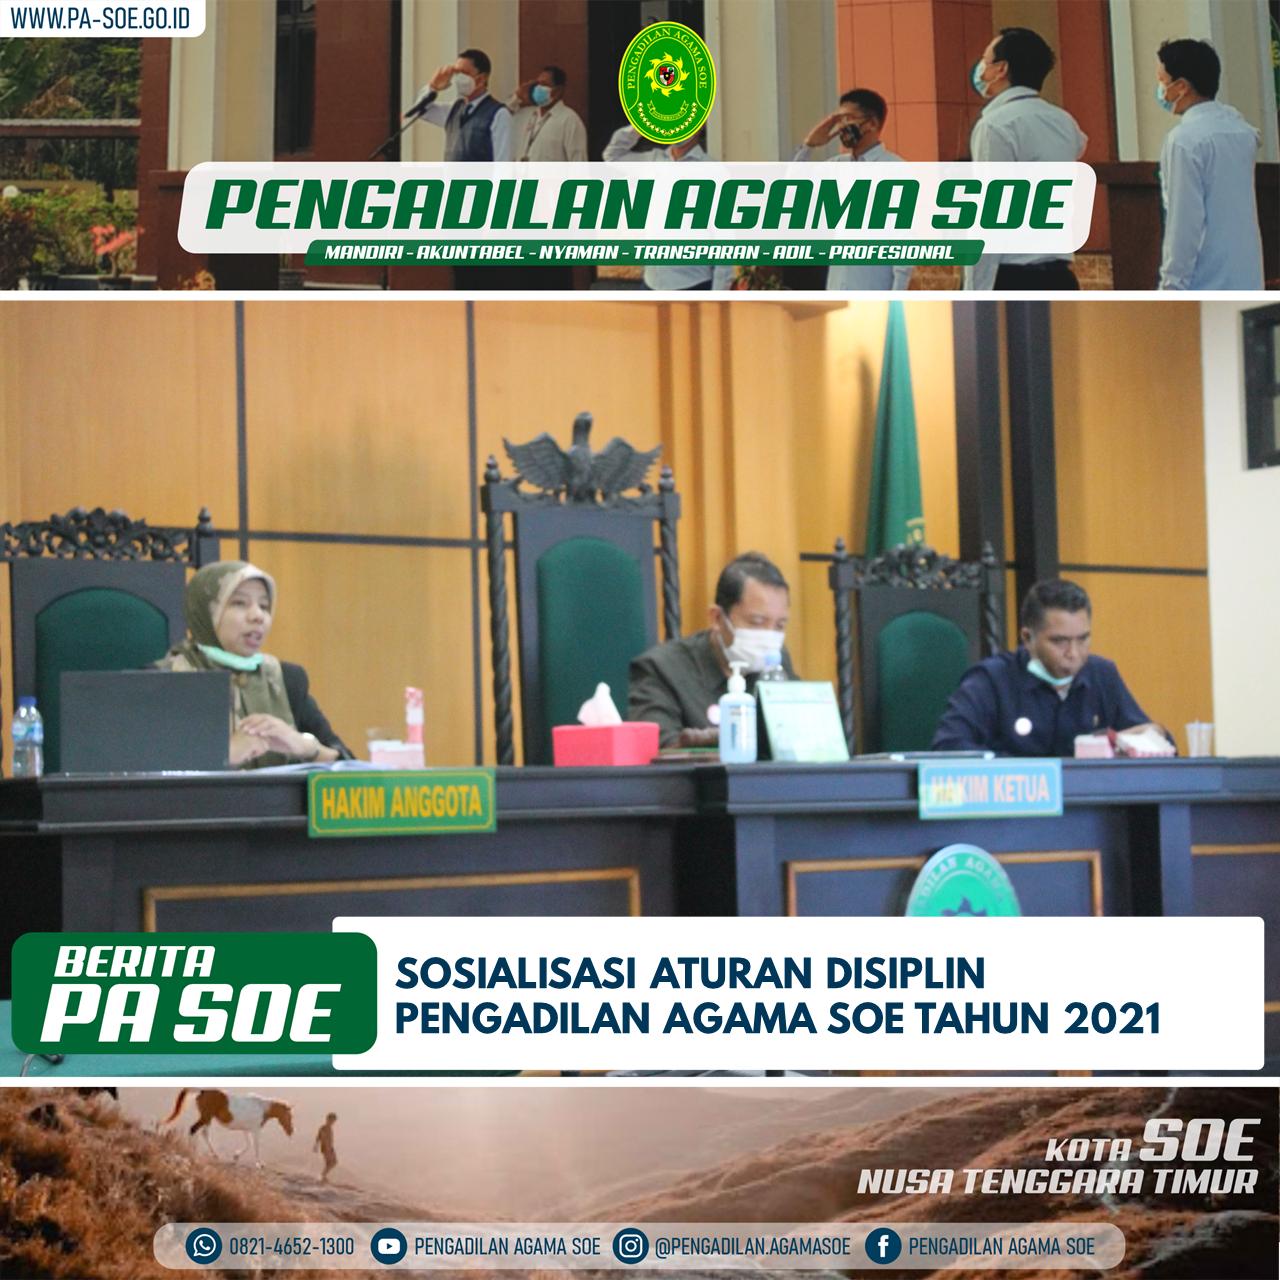 Sosialisasi Aturan Disiplin Pegawai (Peraturan Pemerintah Nomor 94 tahun 2021 tentang Disiplin Pegawai)